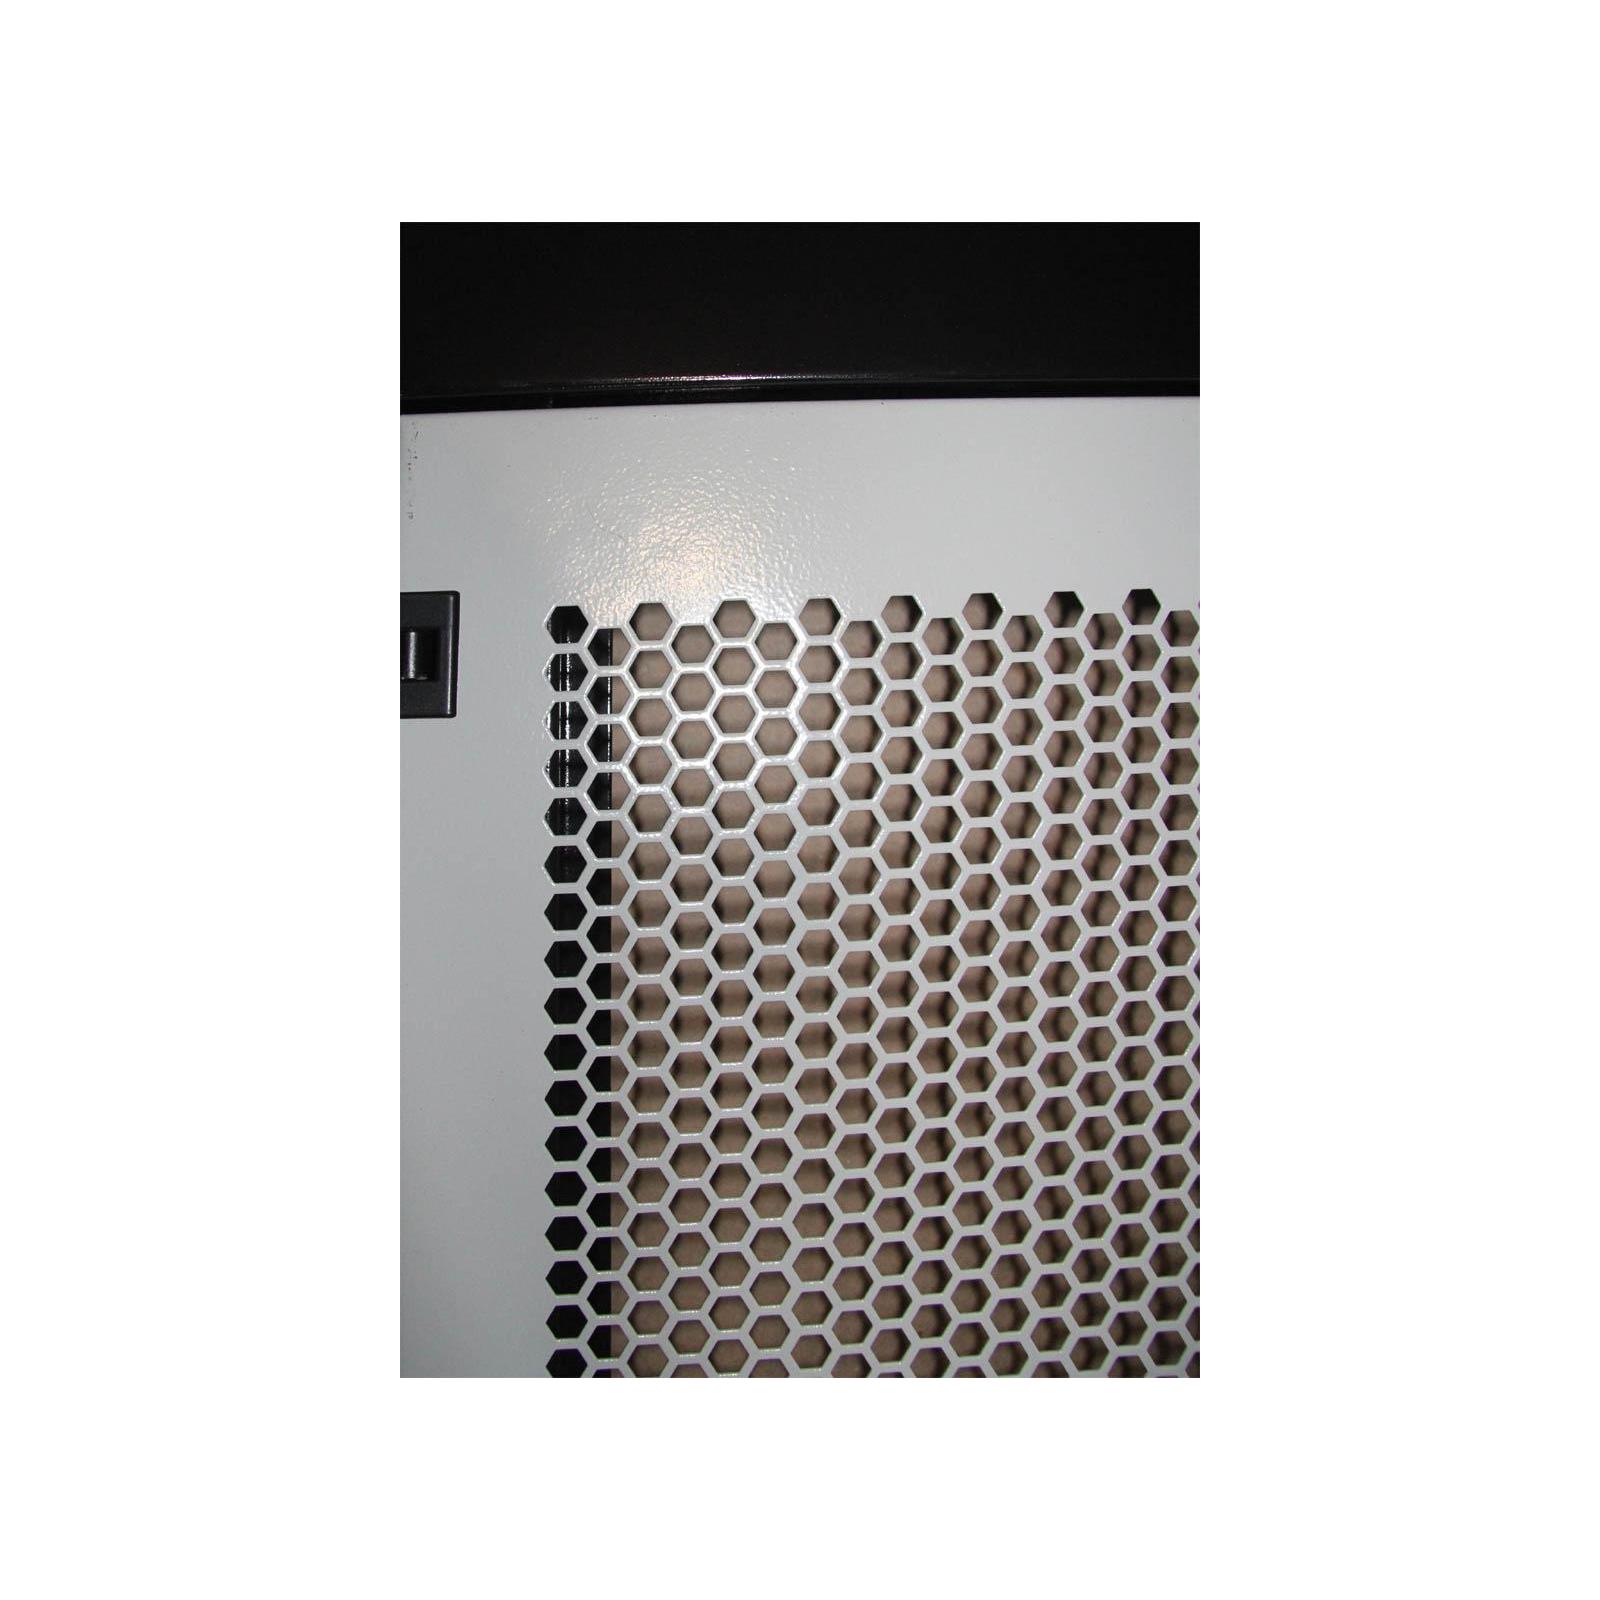 Шкаф напольный CSV 33U Lite Plus 600x600 Perf изображение 2